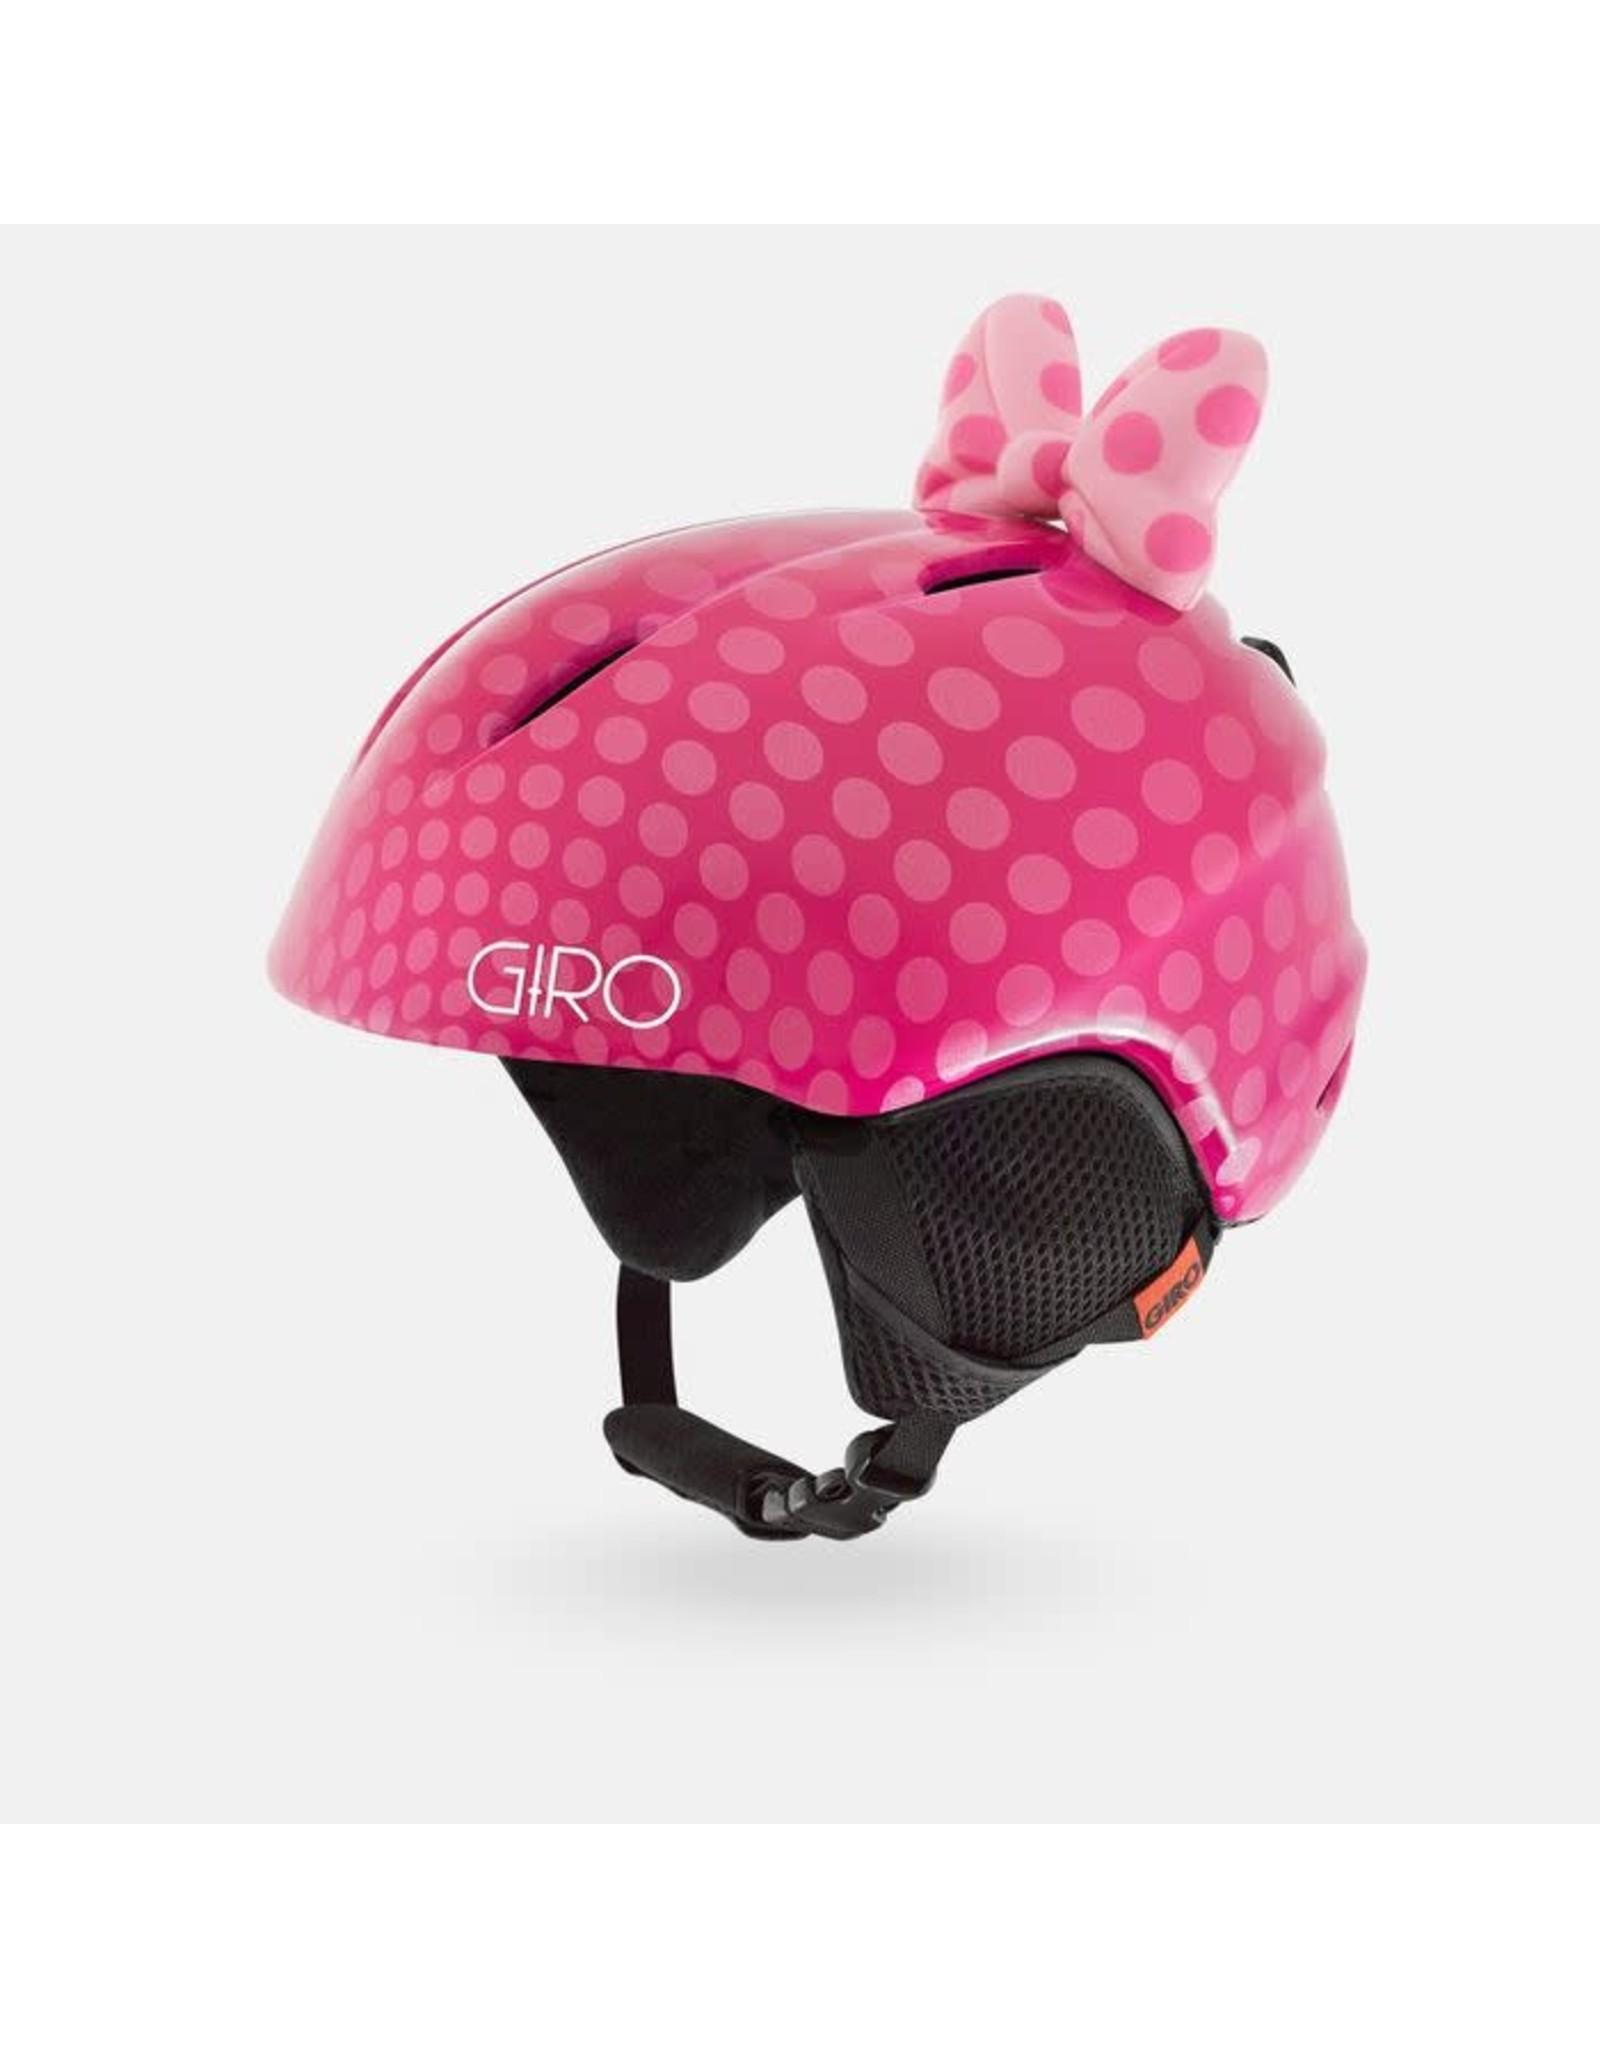 Giro Giro Youth Launch Plus Helmet